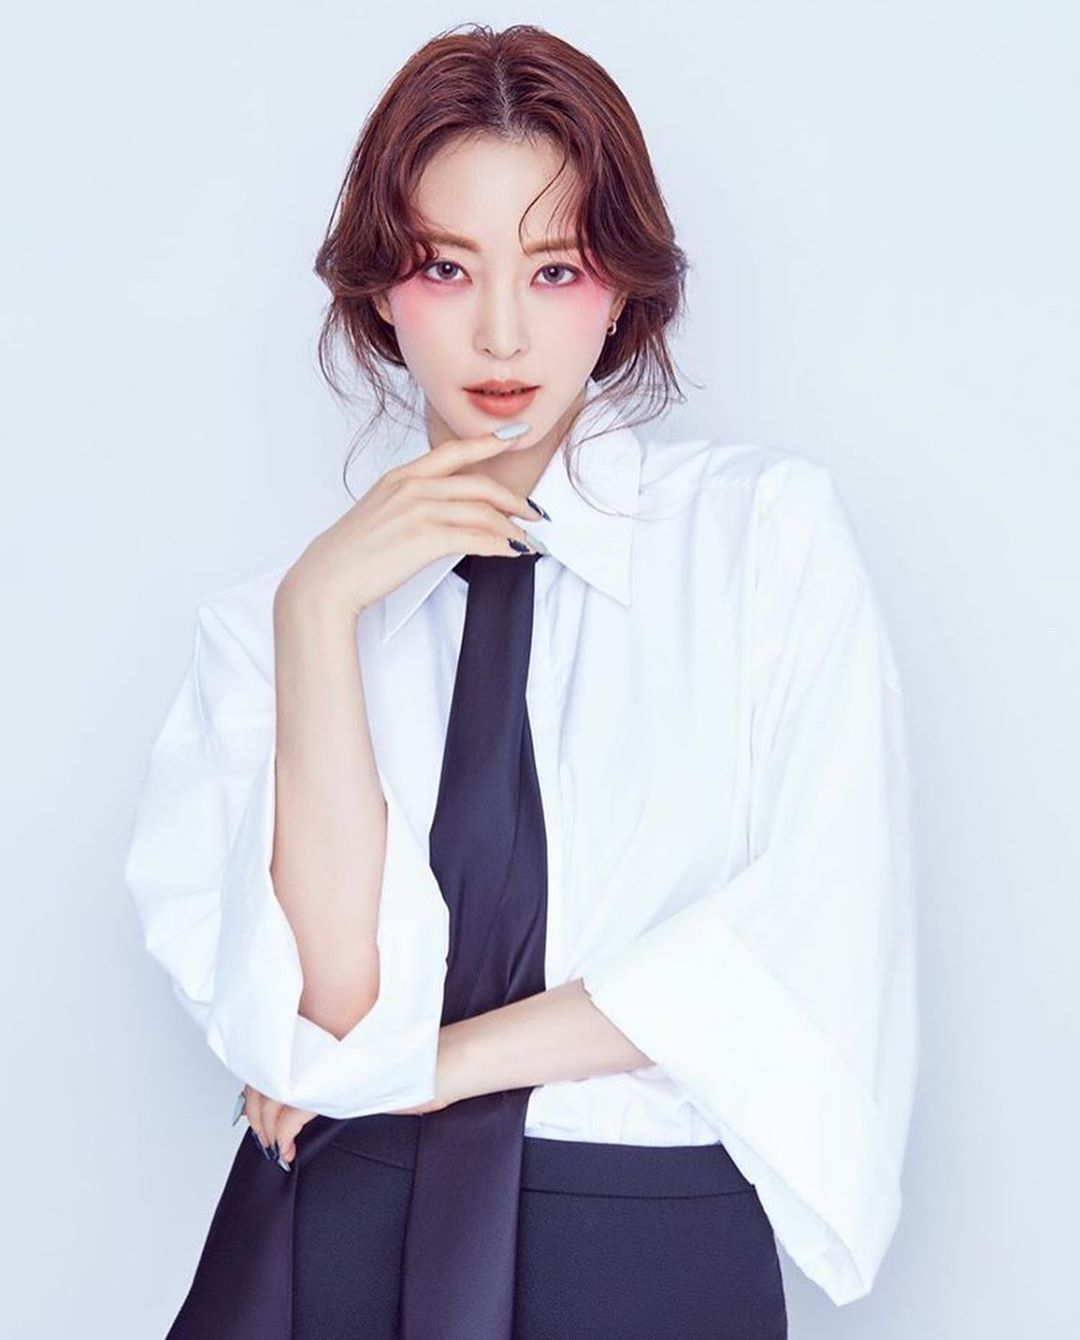 Han Ye seul actress images